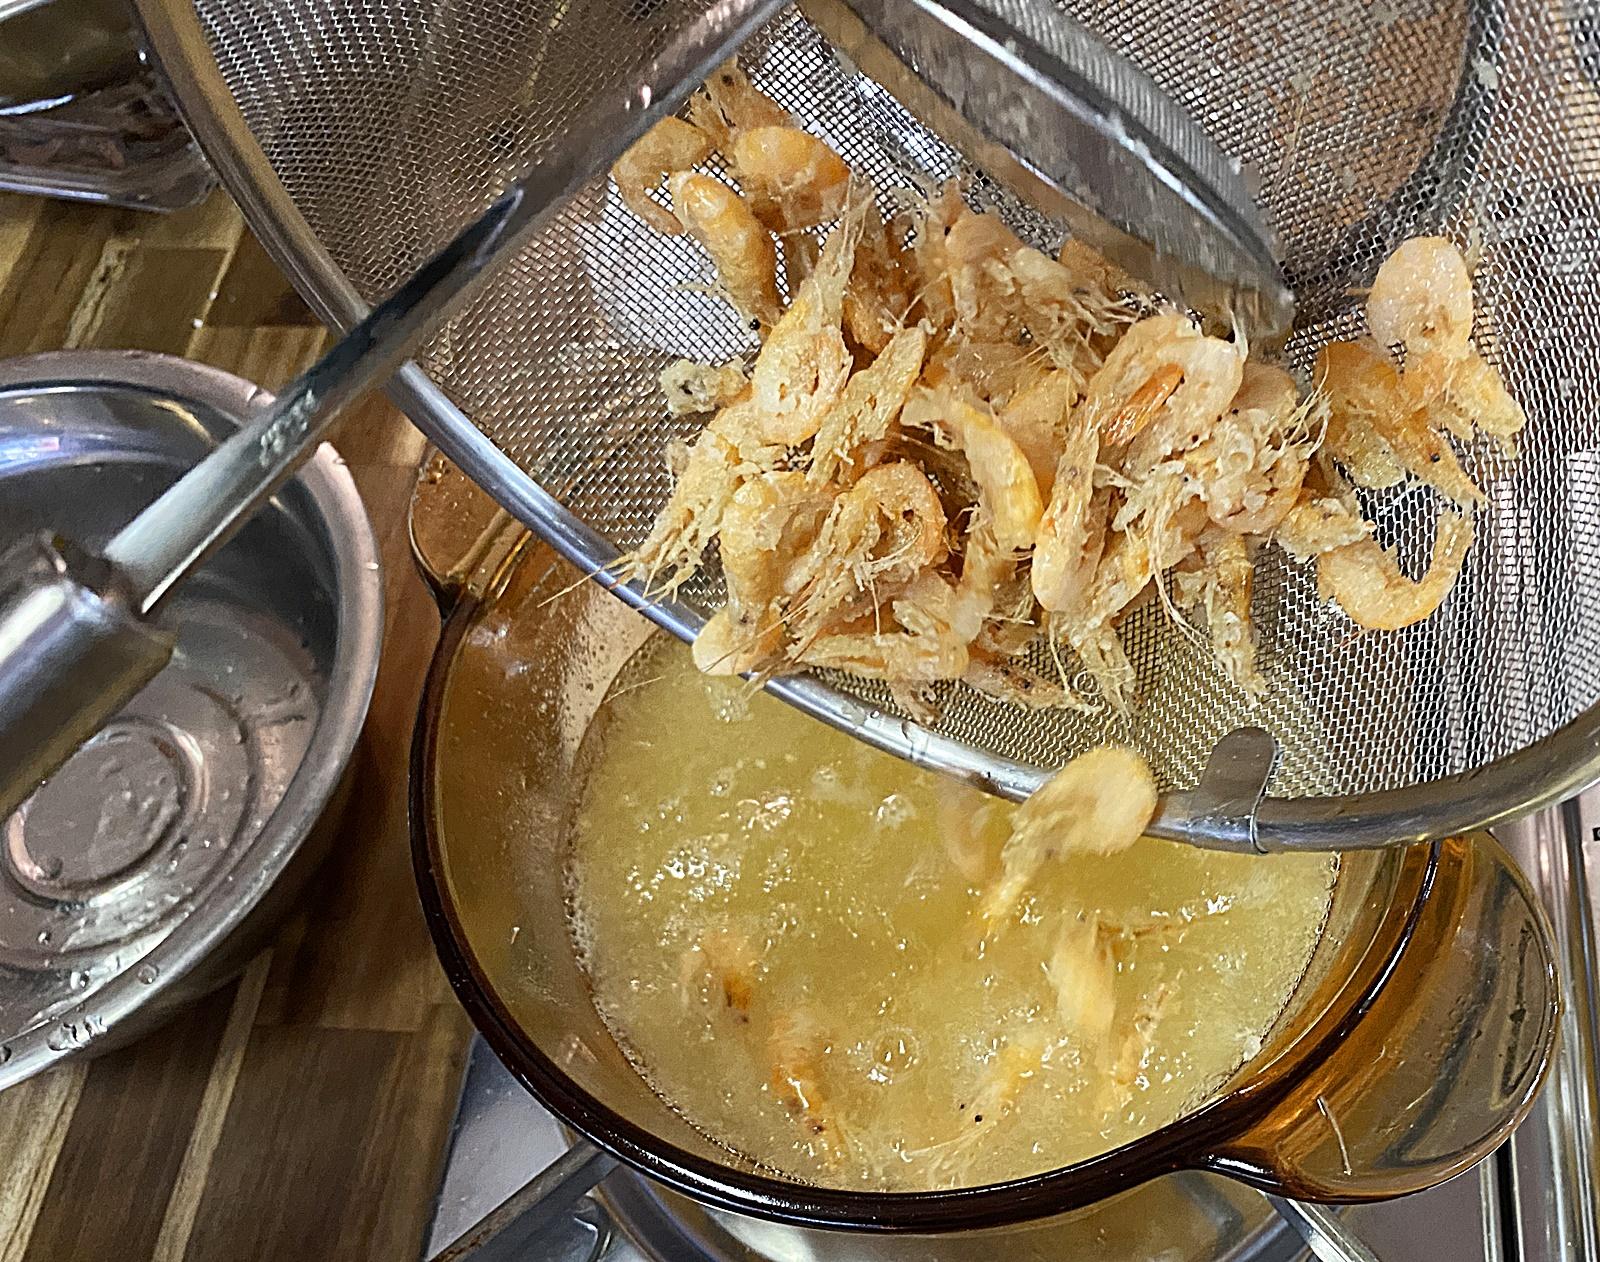 민물 새우 2번째 튀김 넣기